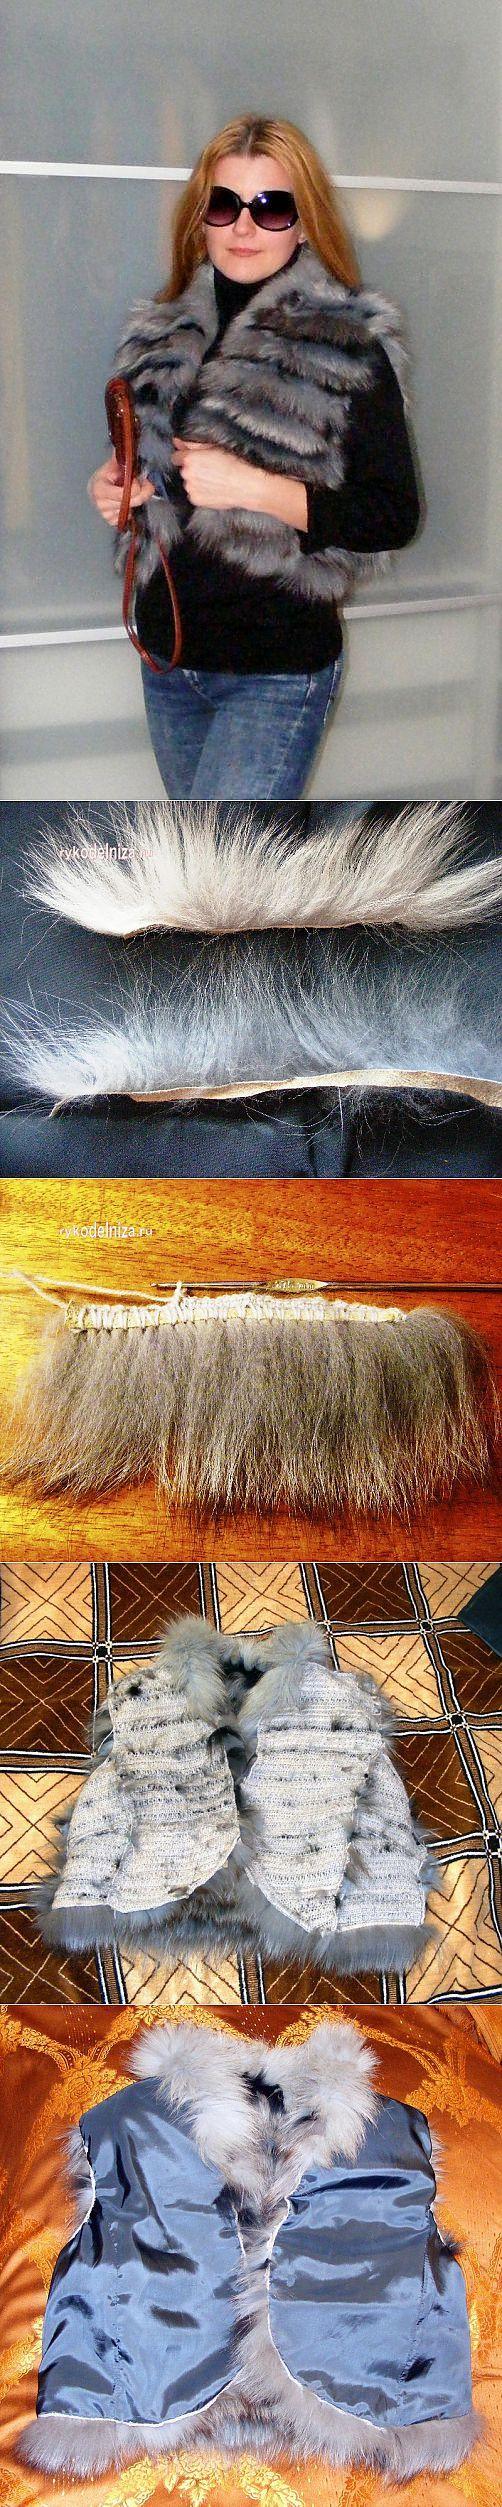 Изготовление модного мехового жилета — вдохновение рукодельницы